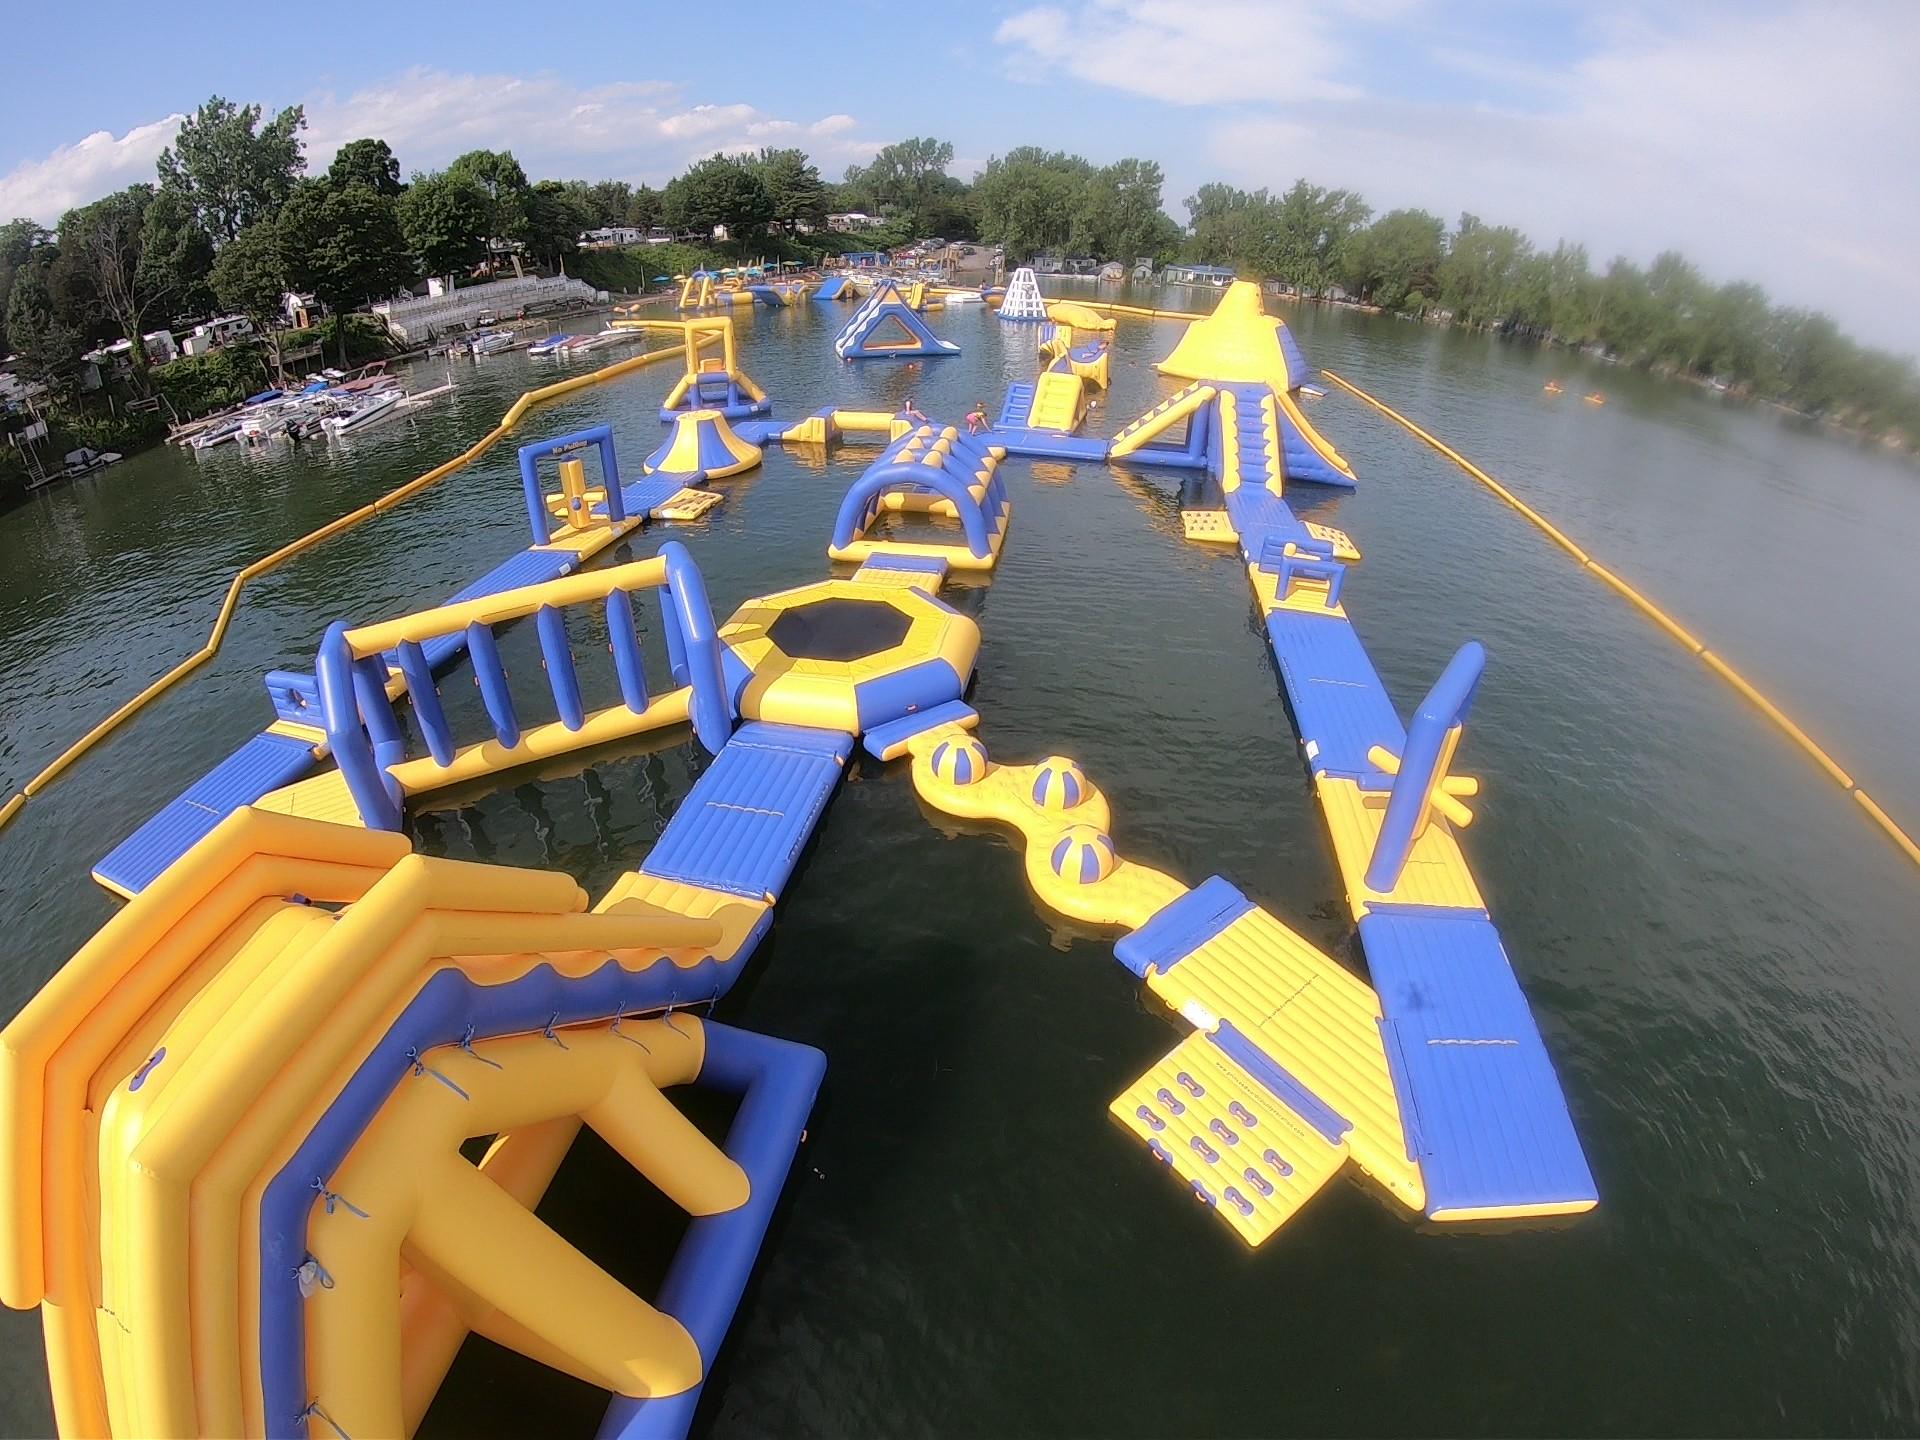 ake Water Park